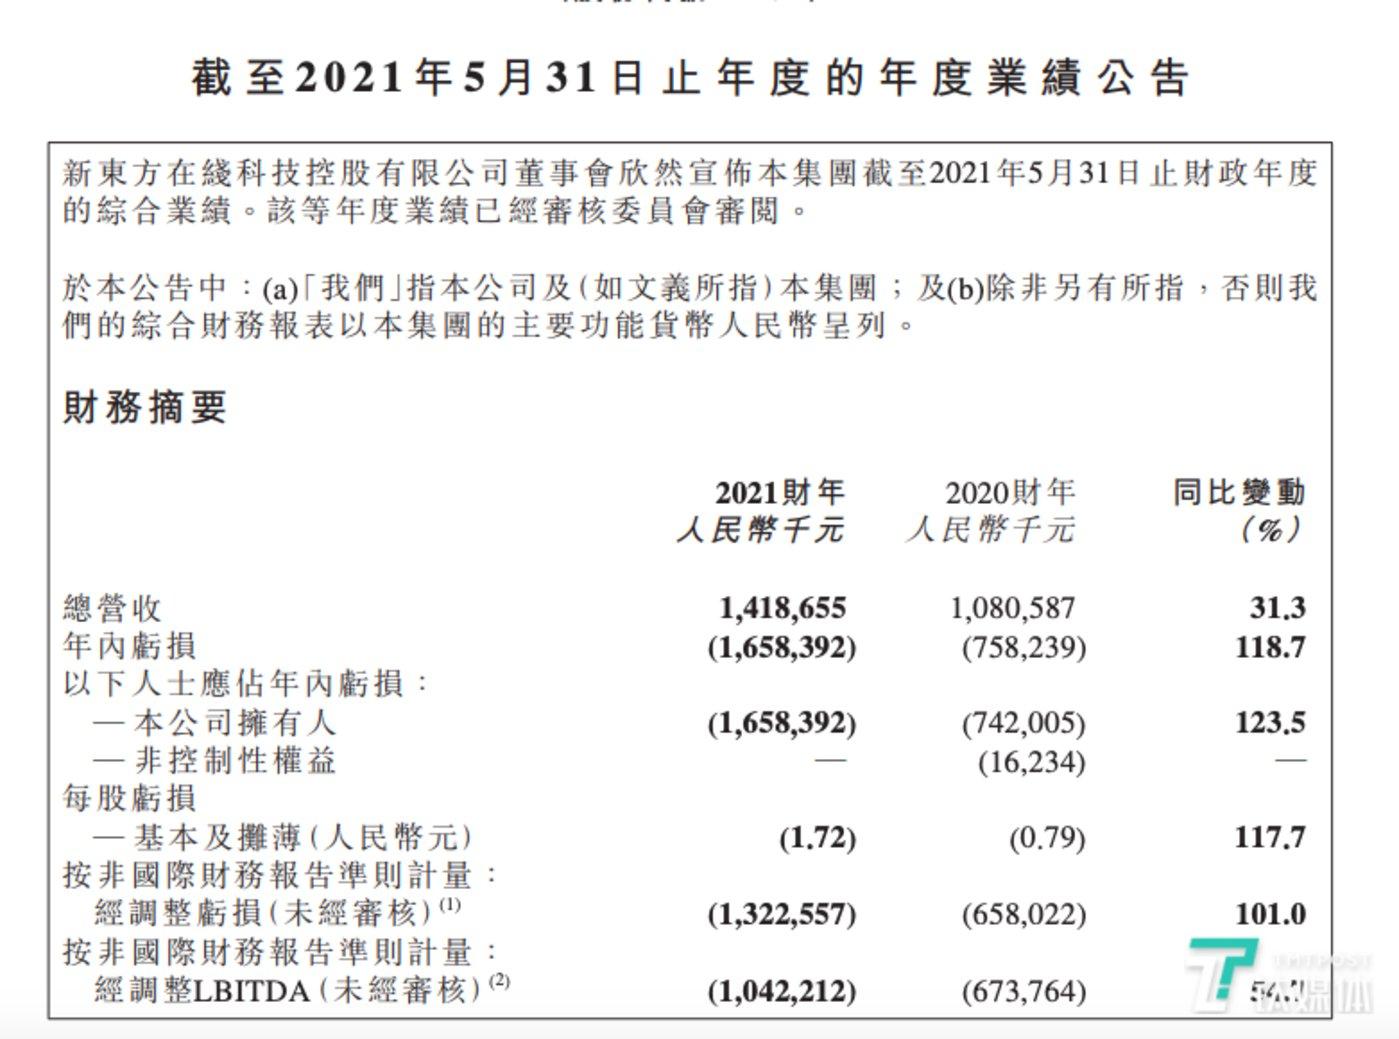 新东方在线2021财年业绩状况